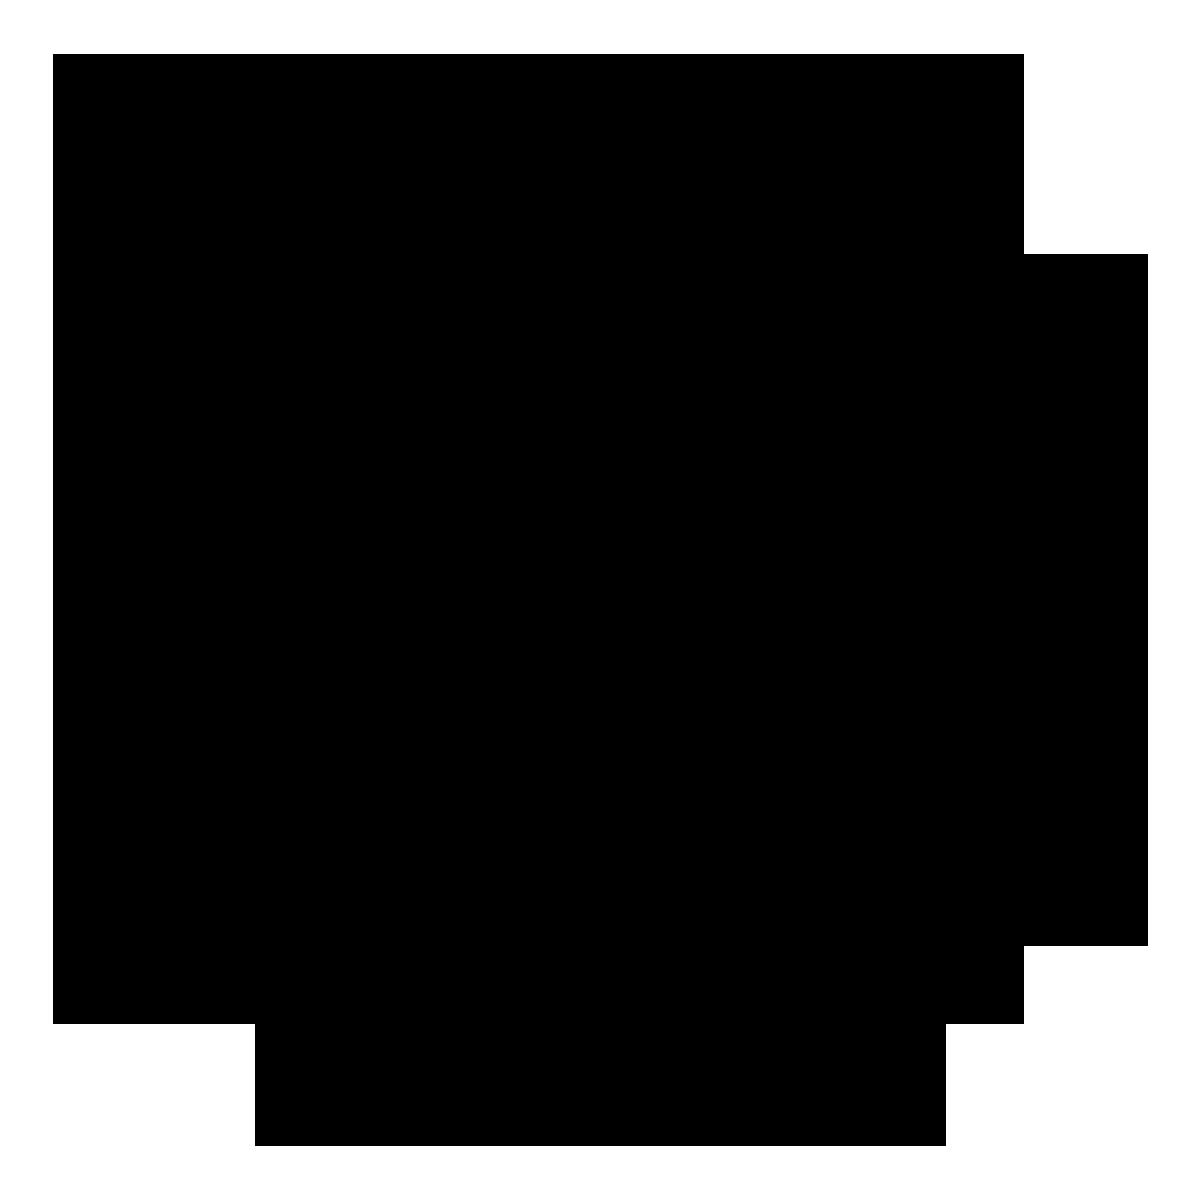 ChangingOnTheFly_logo.png